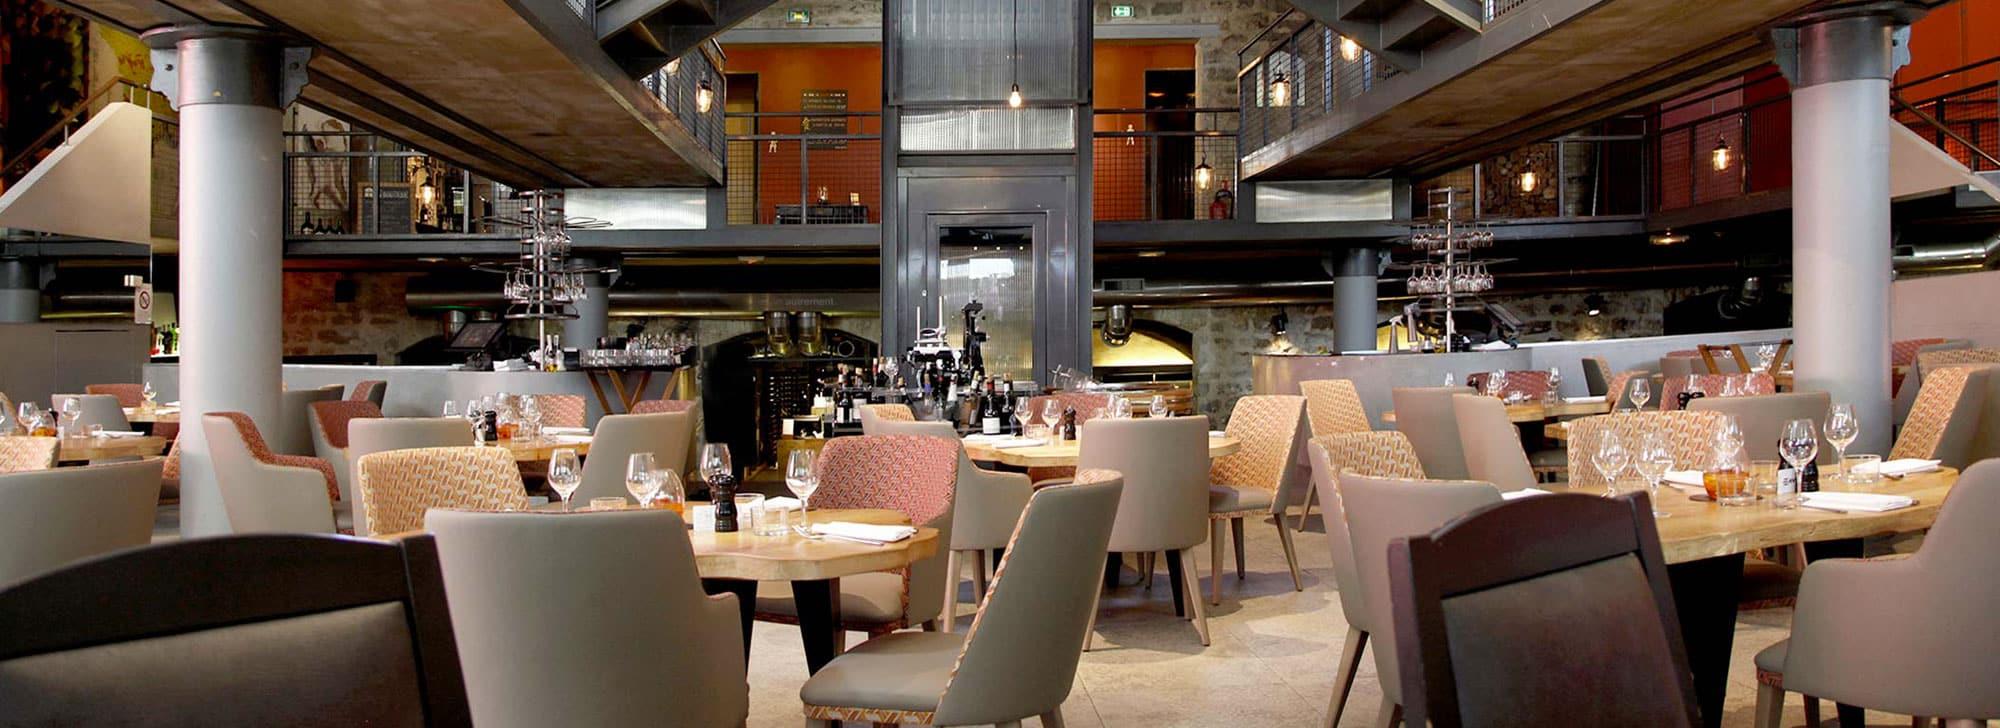 restaurant-cave-a-vin-chai33